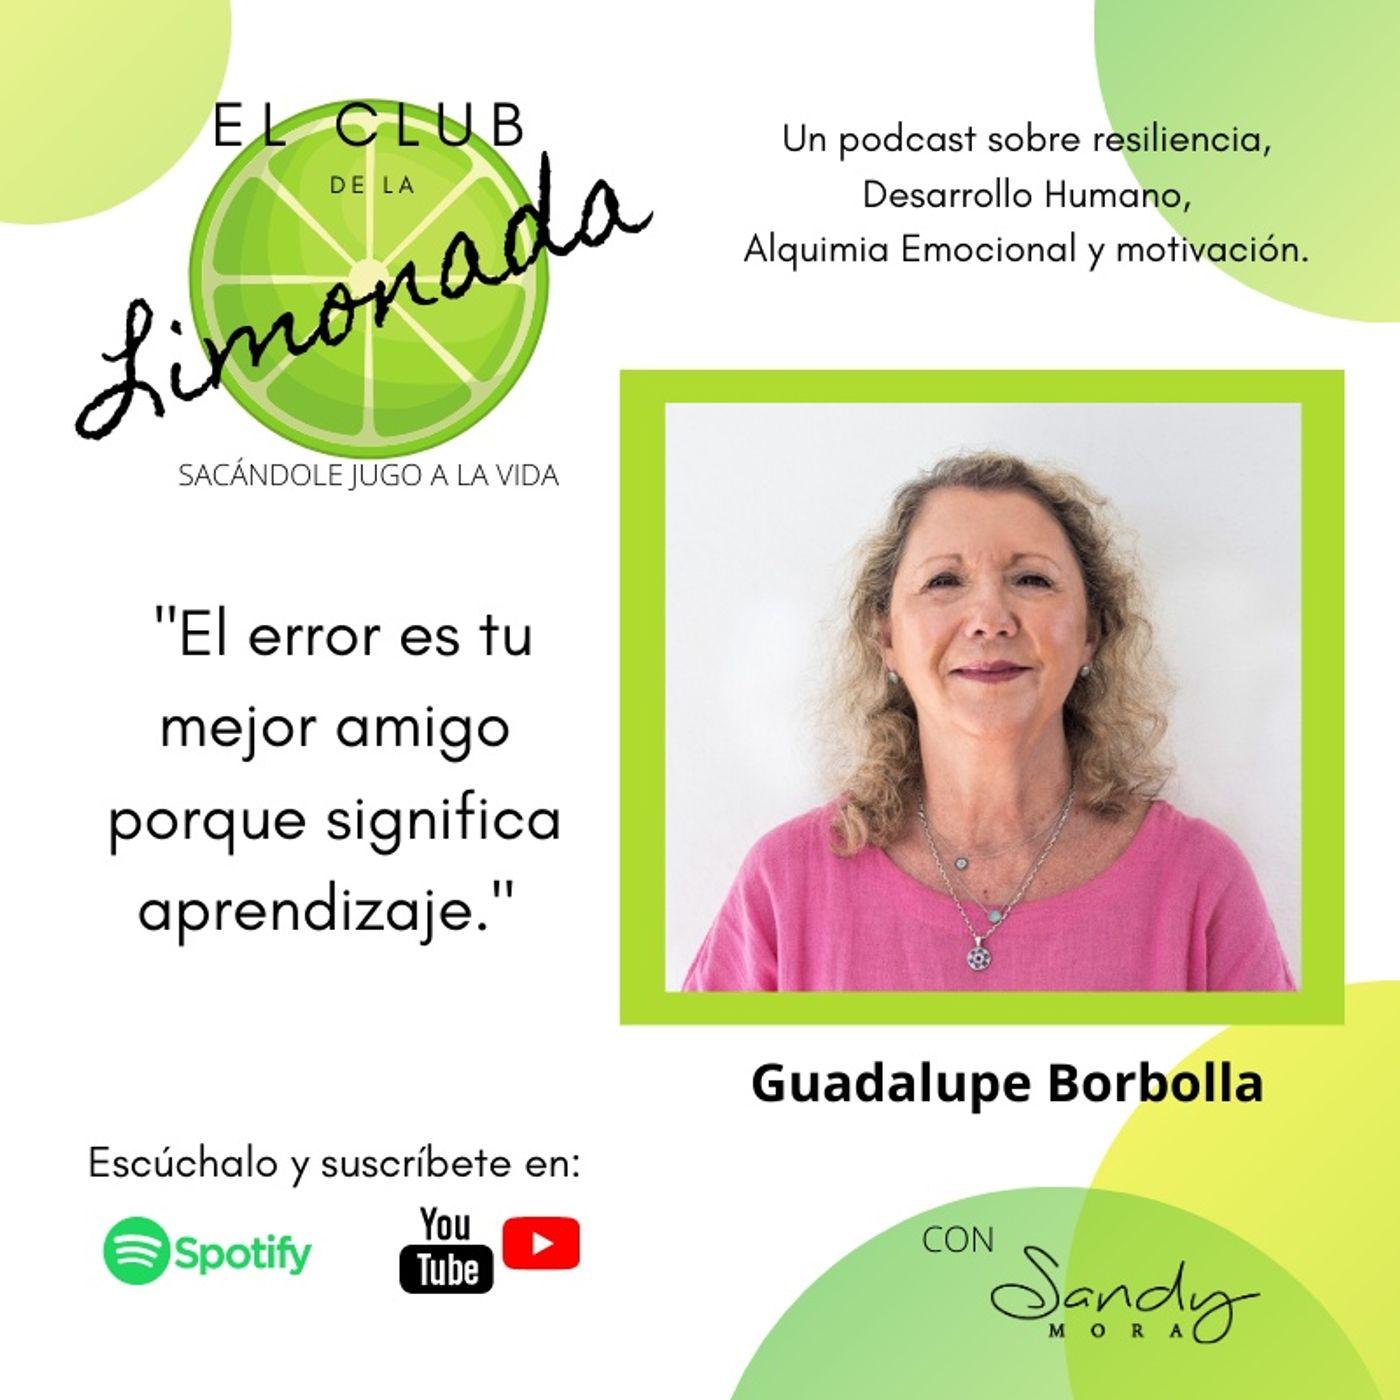 Episodio 48: Guadalupe Borbolla, niños y adolescentes resilientes